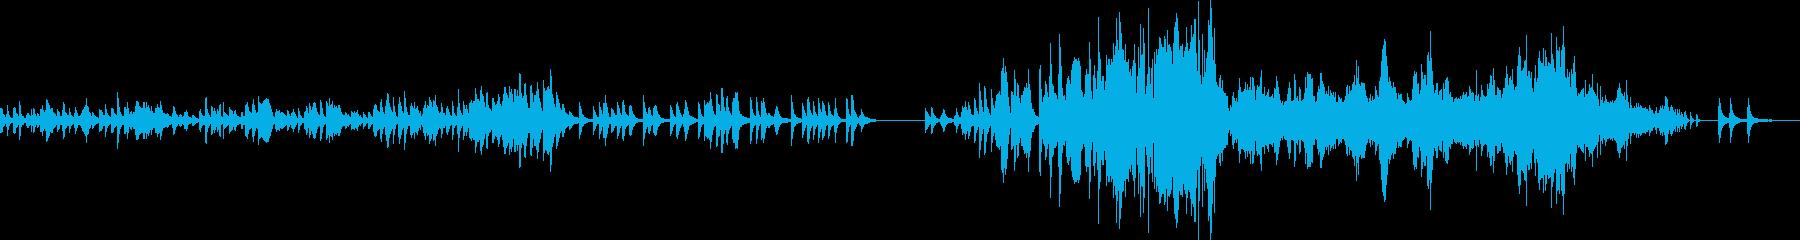 ショパン ノクターン Op48-No1の再生済みの波形